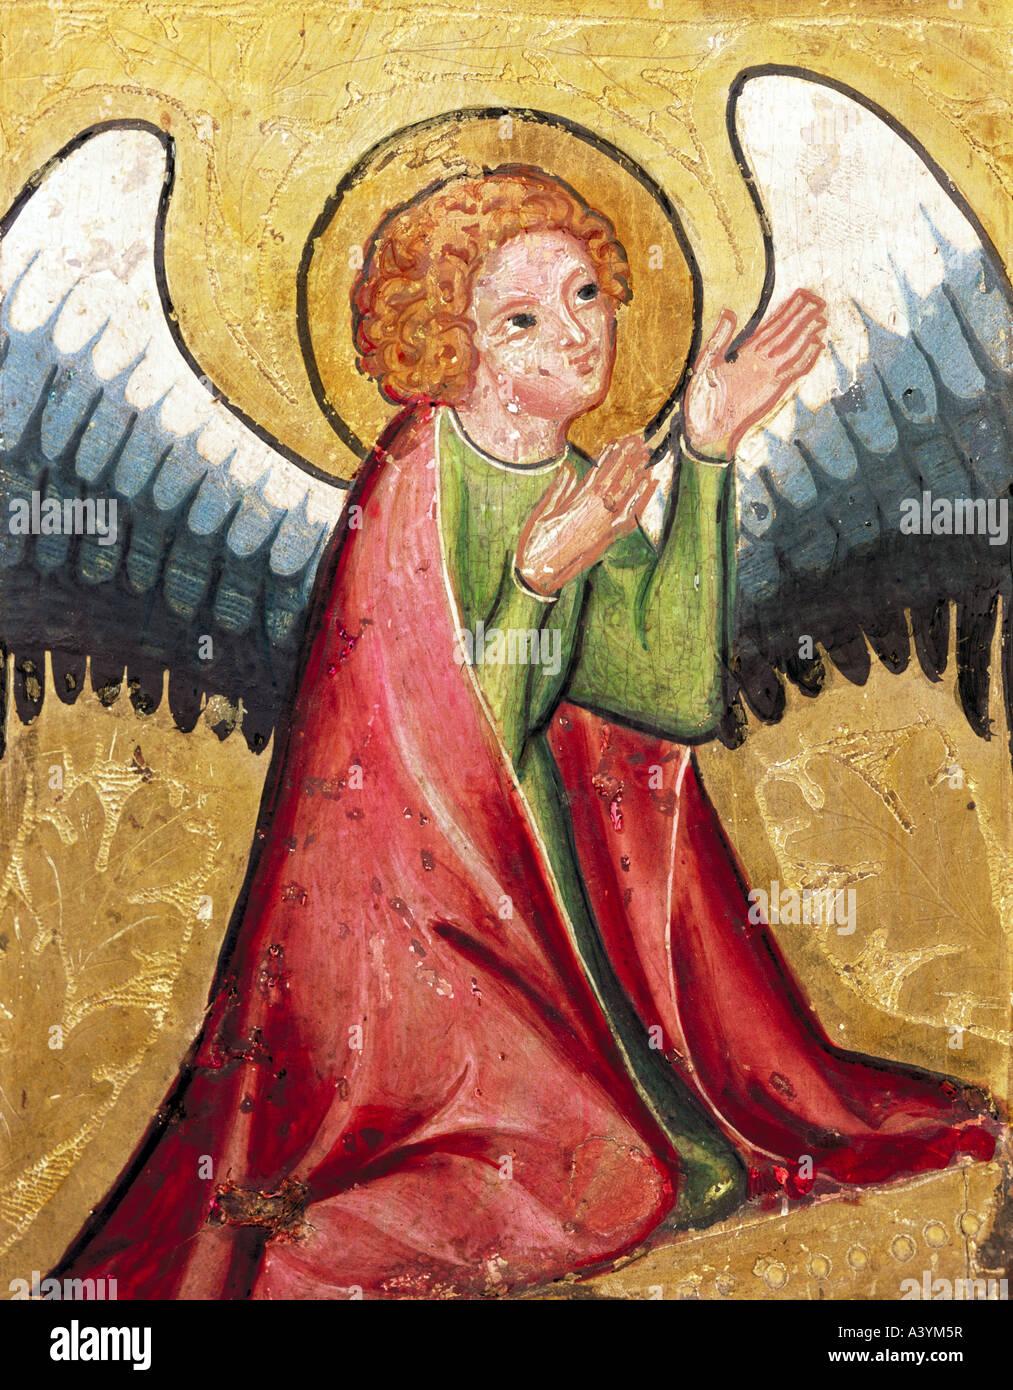 """""""Bildende Kunst, sakrale Kunst, Engel,""""betender Engel"""", Malerei, Deutschland, ca. 1330, Öl auf Stockbild"""